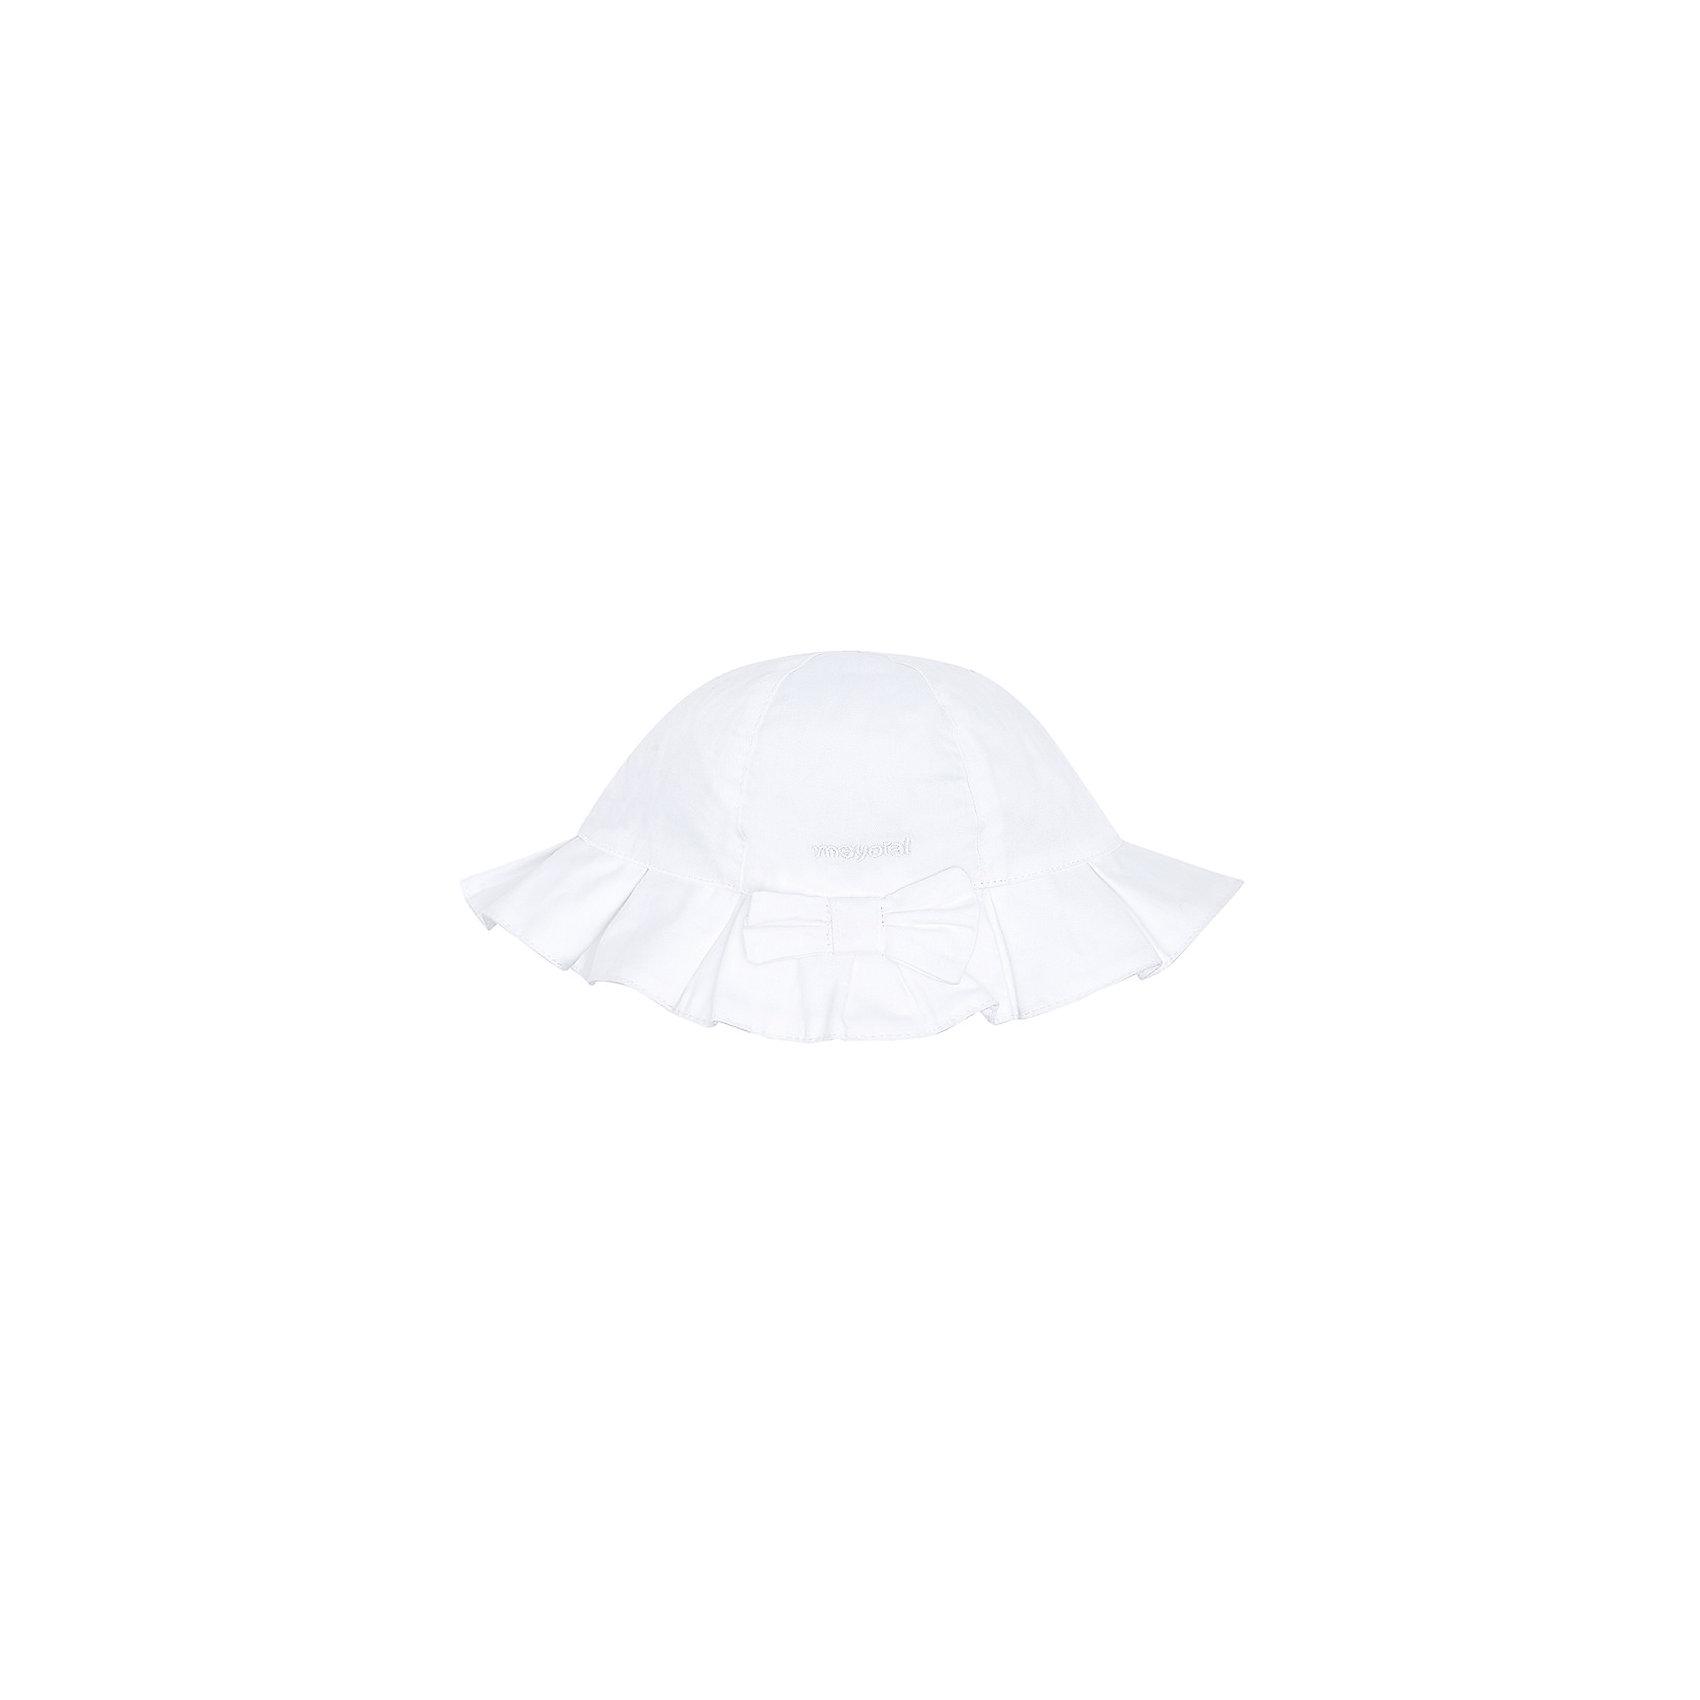 Панама для девочки MayoralПанама для девочки от известной испанской марки Mayoral убережет голову ребенка от ярких солнечных лучей и  добавит образу юной модницы очарование и шарм.<br><br>Дополнительная информация:<br><br>- Декоративный бант спереди.<br>- Вышивка с логотипом бренда. <br>- Состав: верх - 100% хлопок; подкладка - 65% полиэстер, 35% хлопок. <br><br><br>Панаму для девочки Mayoral (Майорал) можно купить в нашем магазине.<br><br>Ширина мм: 89<br>Глубина мм: 117<br>Высота мм: 44<br>Вес г: 155<br>Цвет: белый<br>Возраст от месяцев: 6<br>Возраст до месяцев: 9<br>Пол: Женский<br>Возраст: Детский<br>Размер: 46,50,48<br>SKU: 4539062